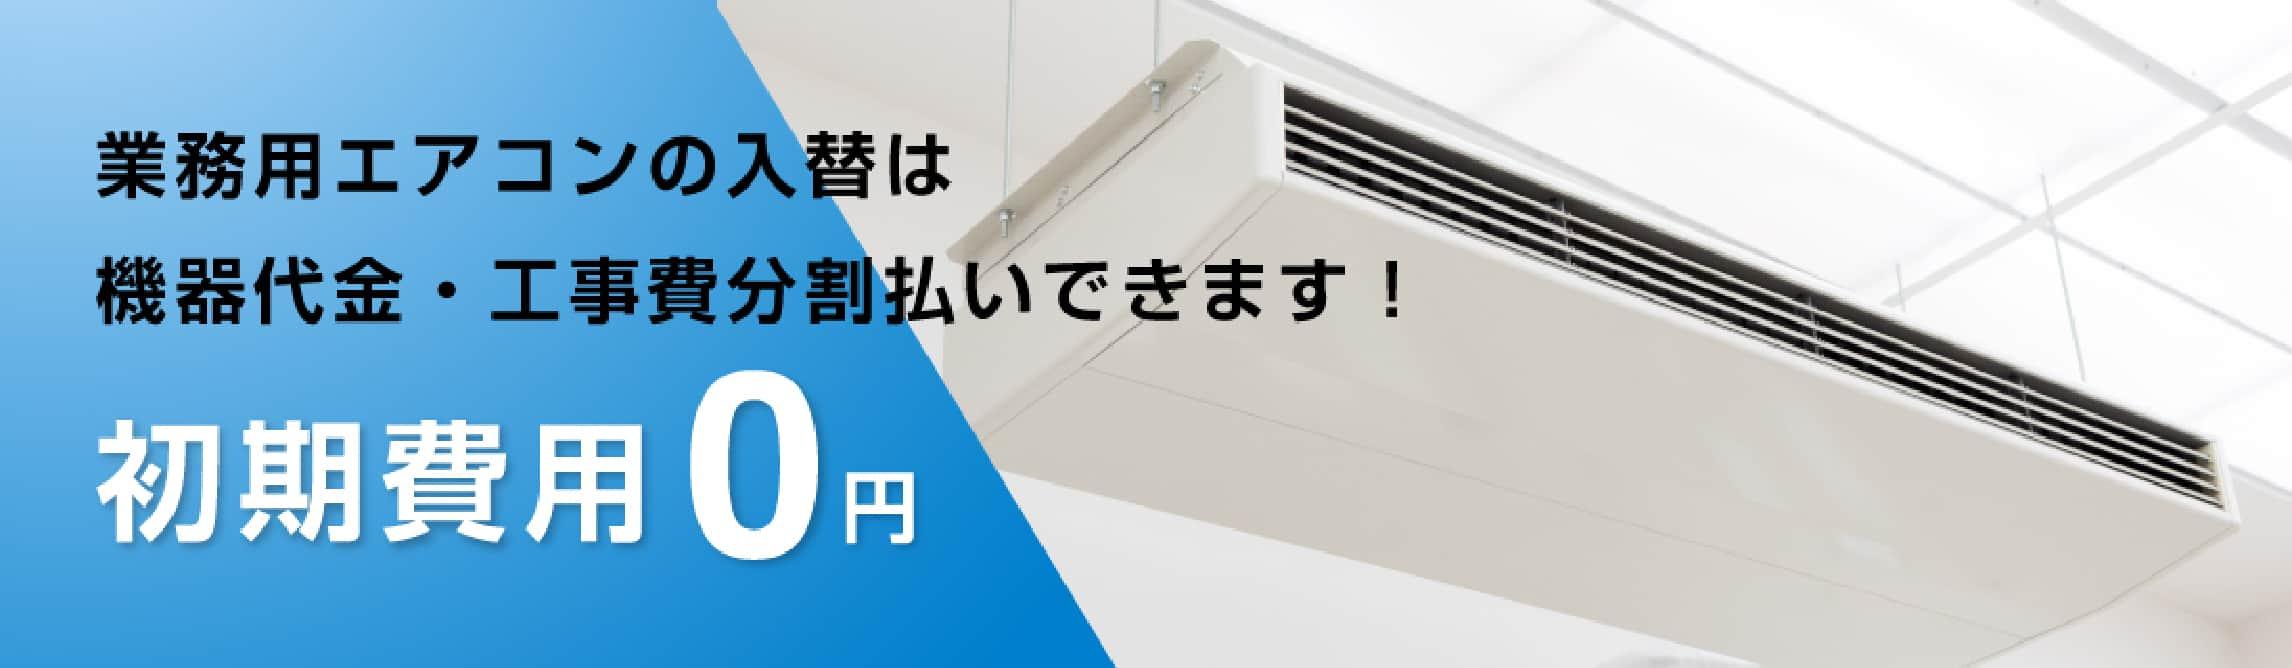 業務用エアコンの入替は機器代金・工事費分割払いできます!初期費用0円